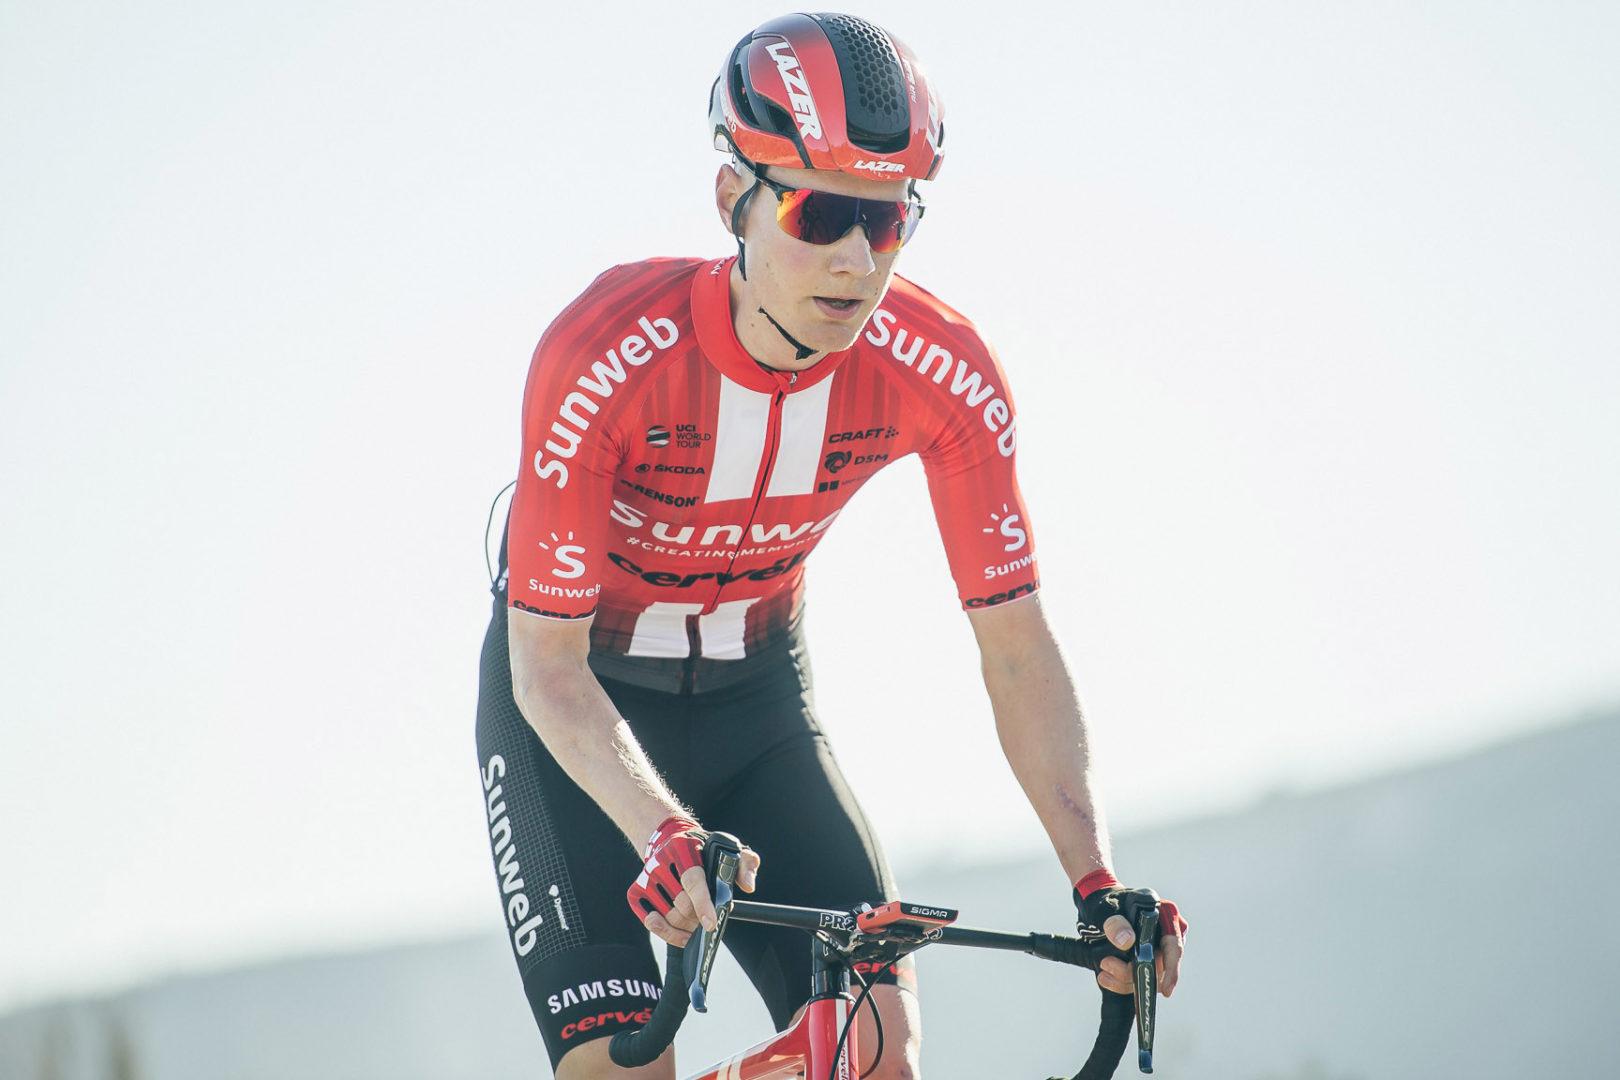 Kelderman se rompe la clavícula y es seria duda para el Giro de Italia